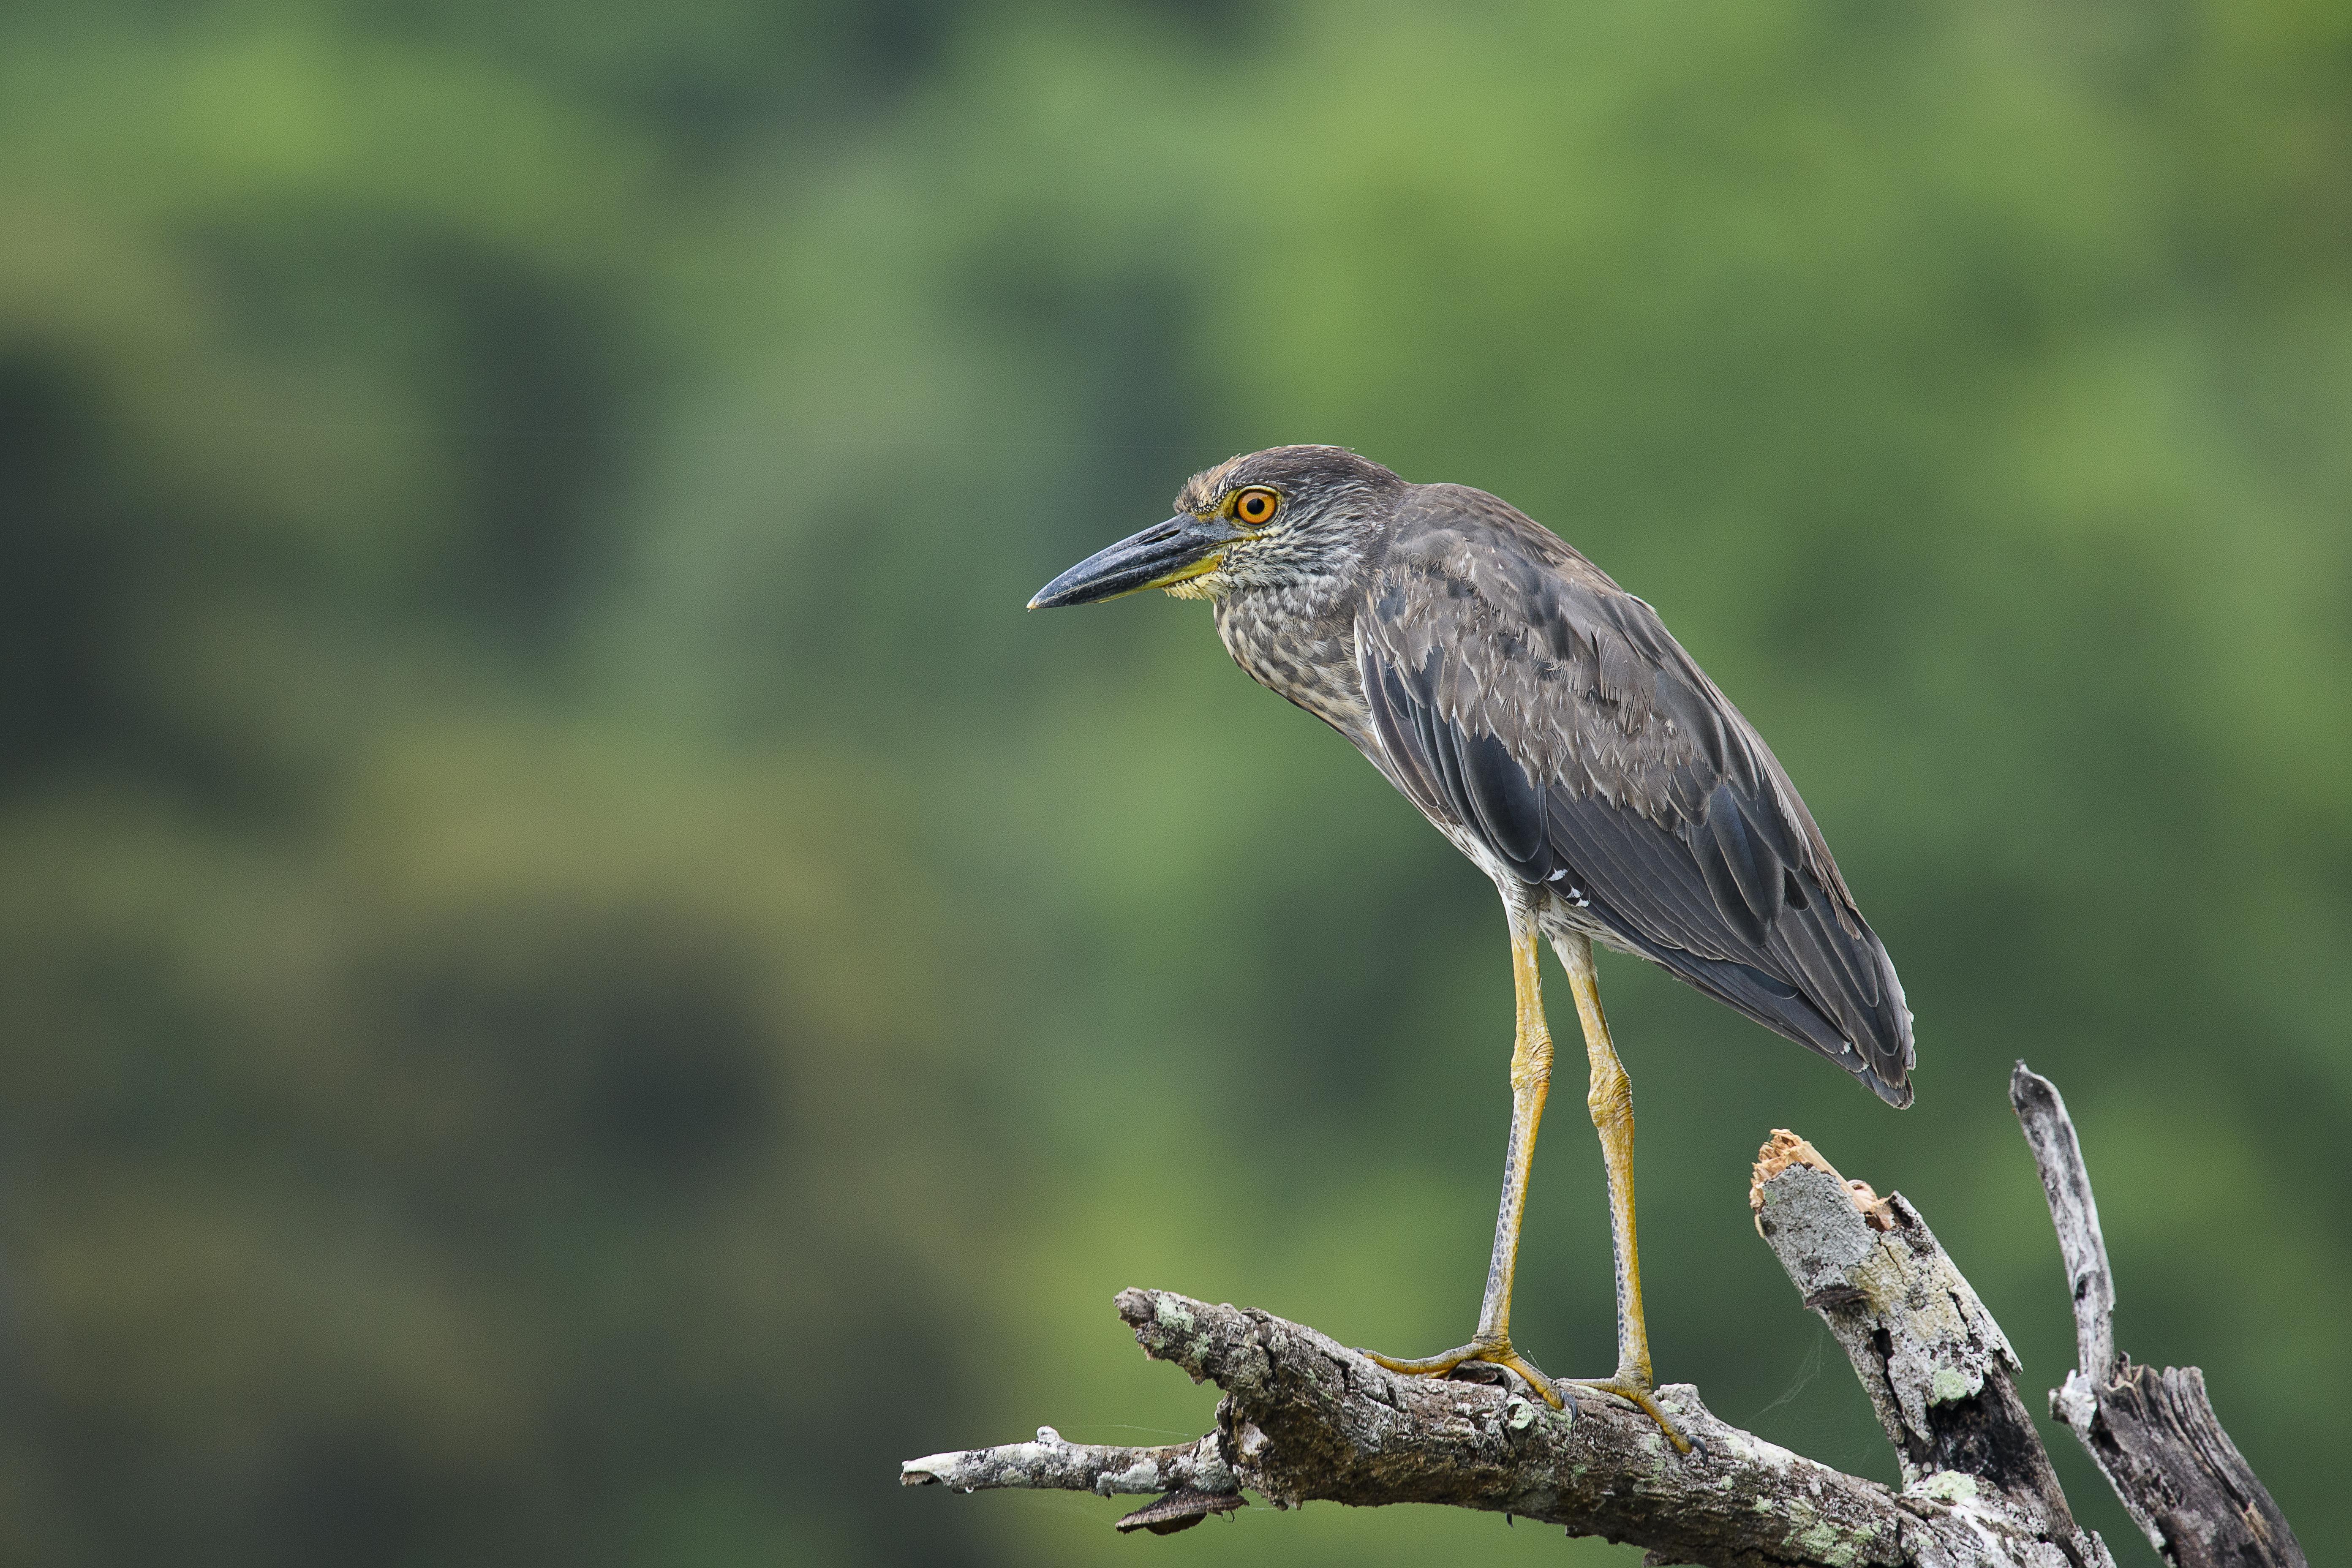 juv yellow crowned night heron left